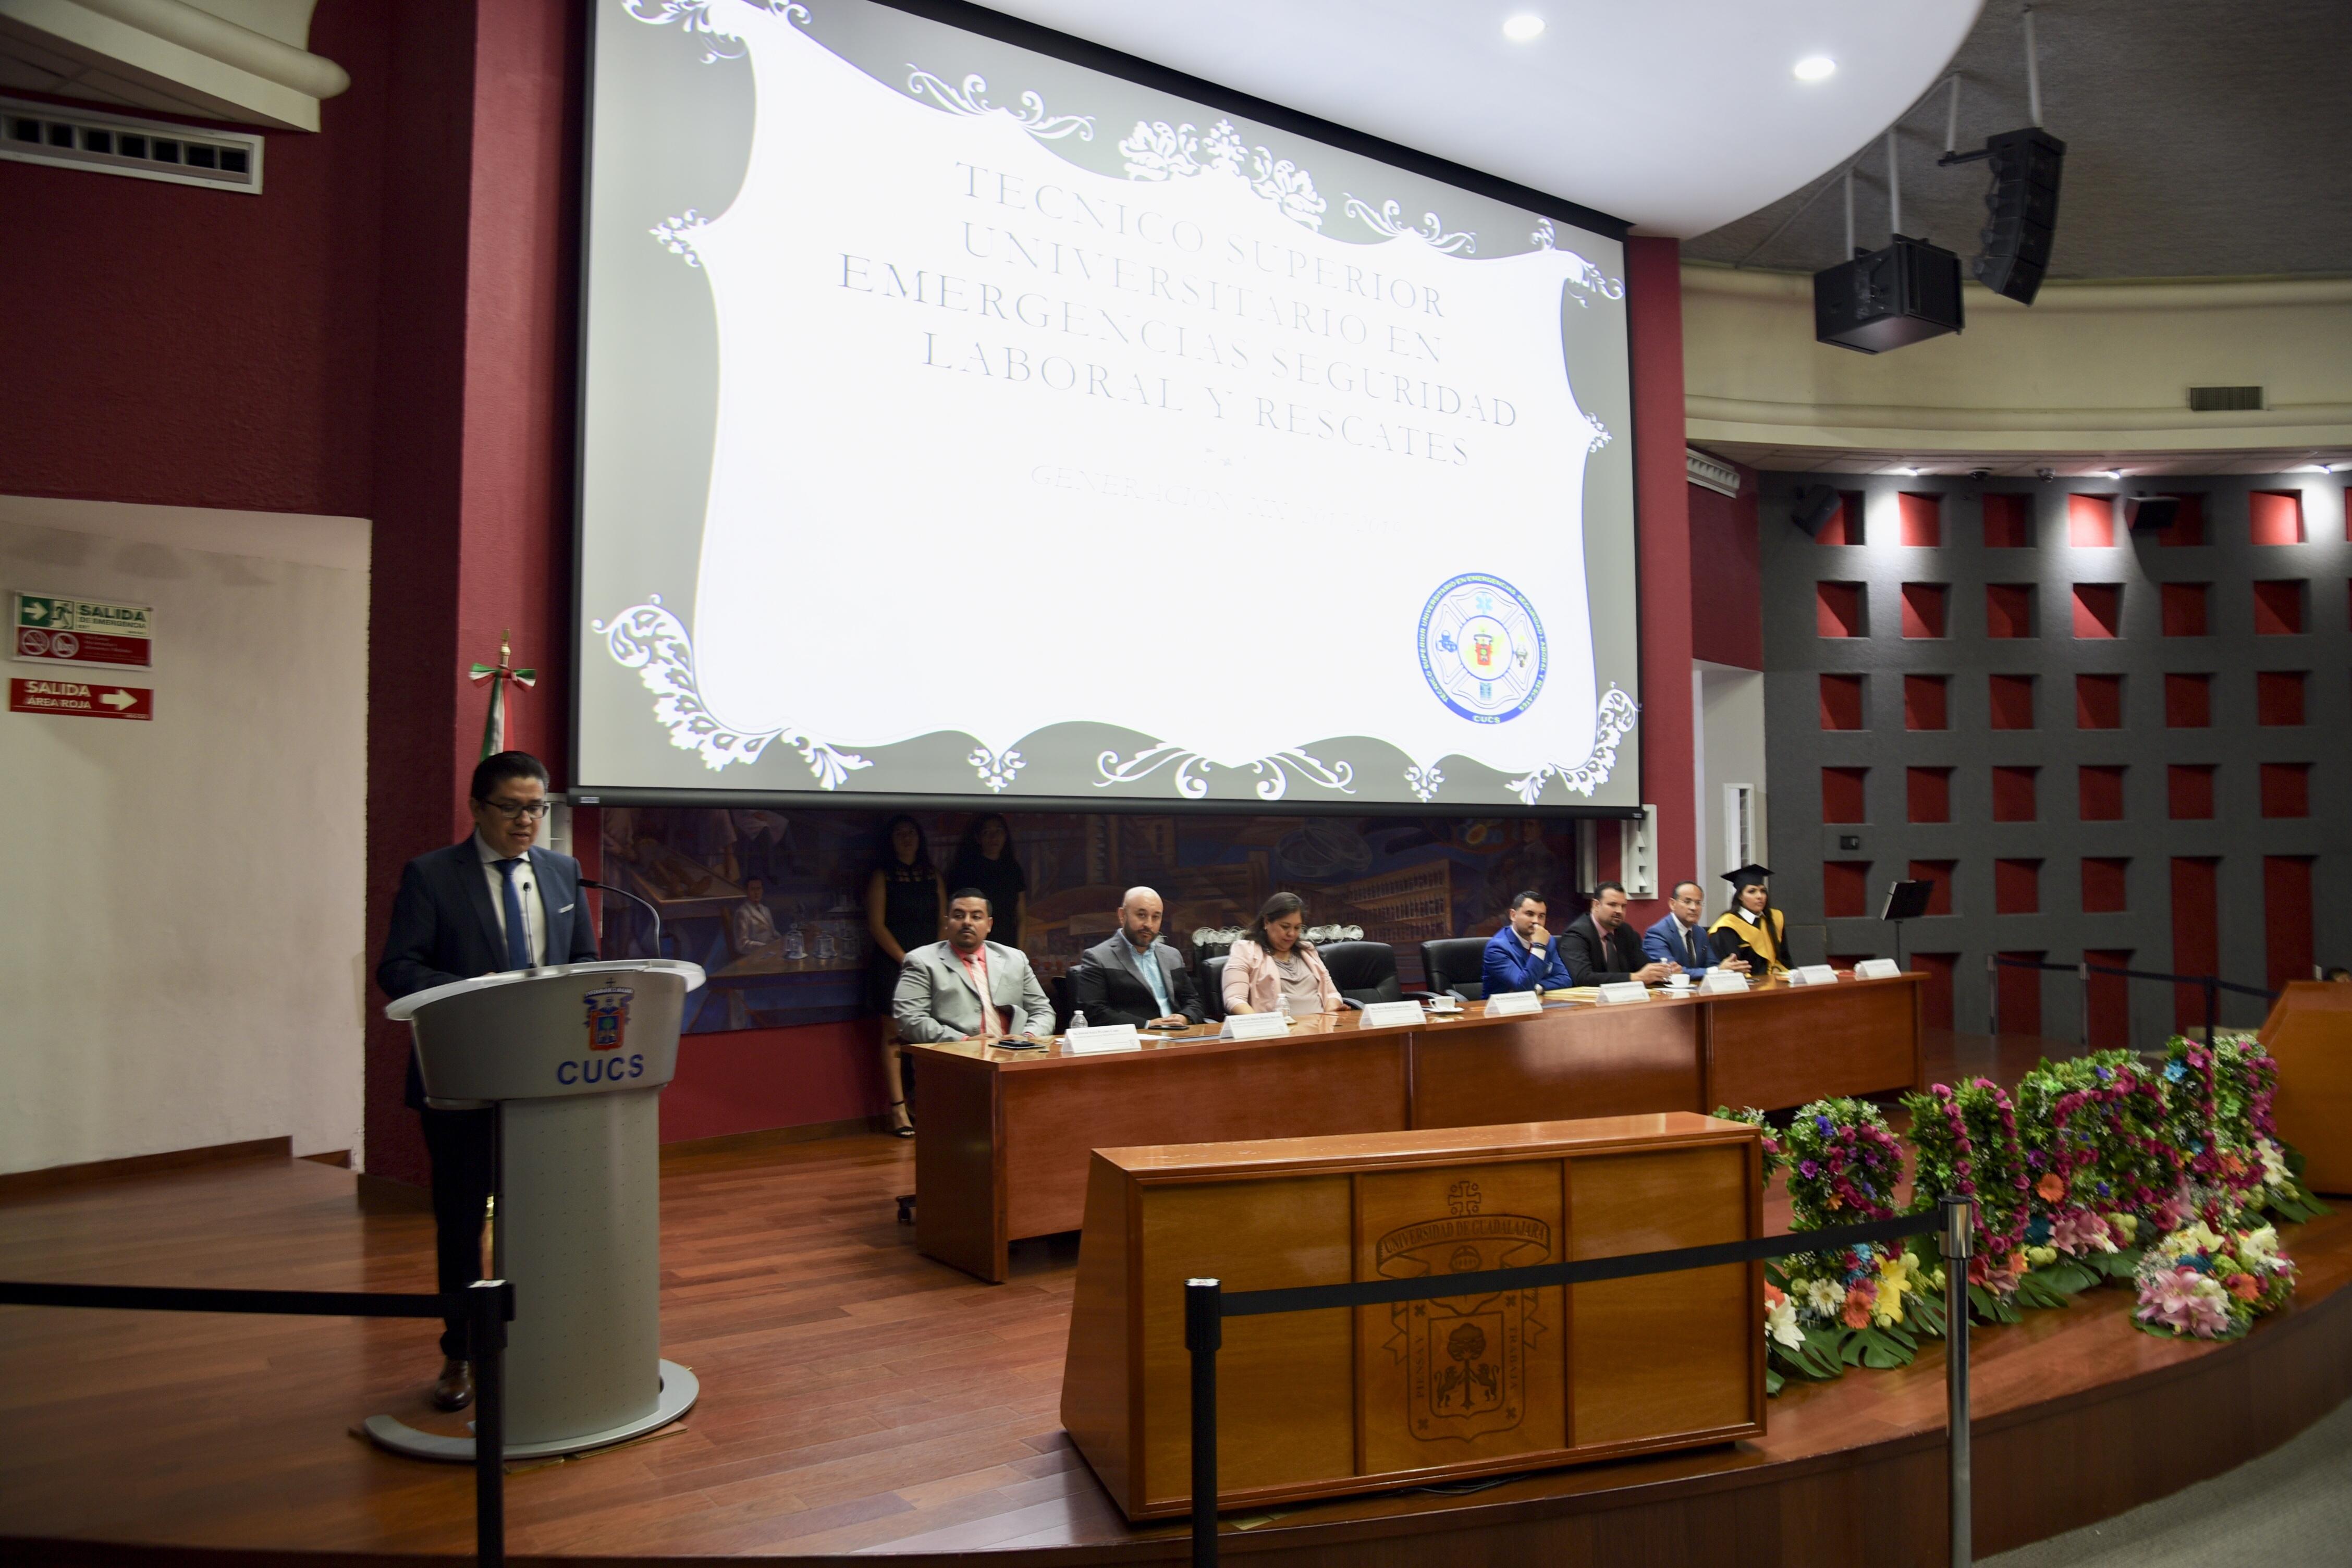 Miembros del presídium y rector del CUCS al podio